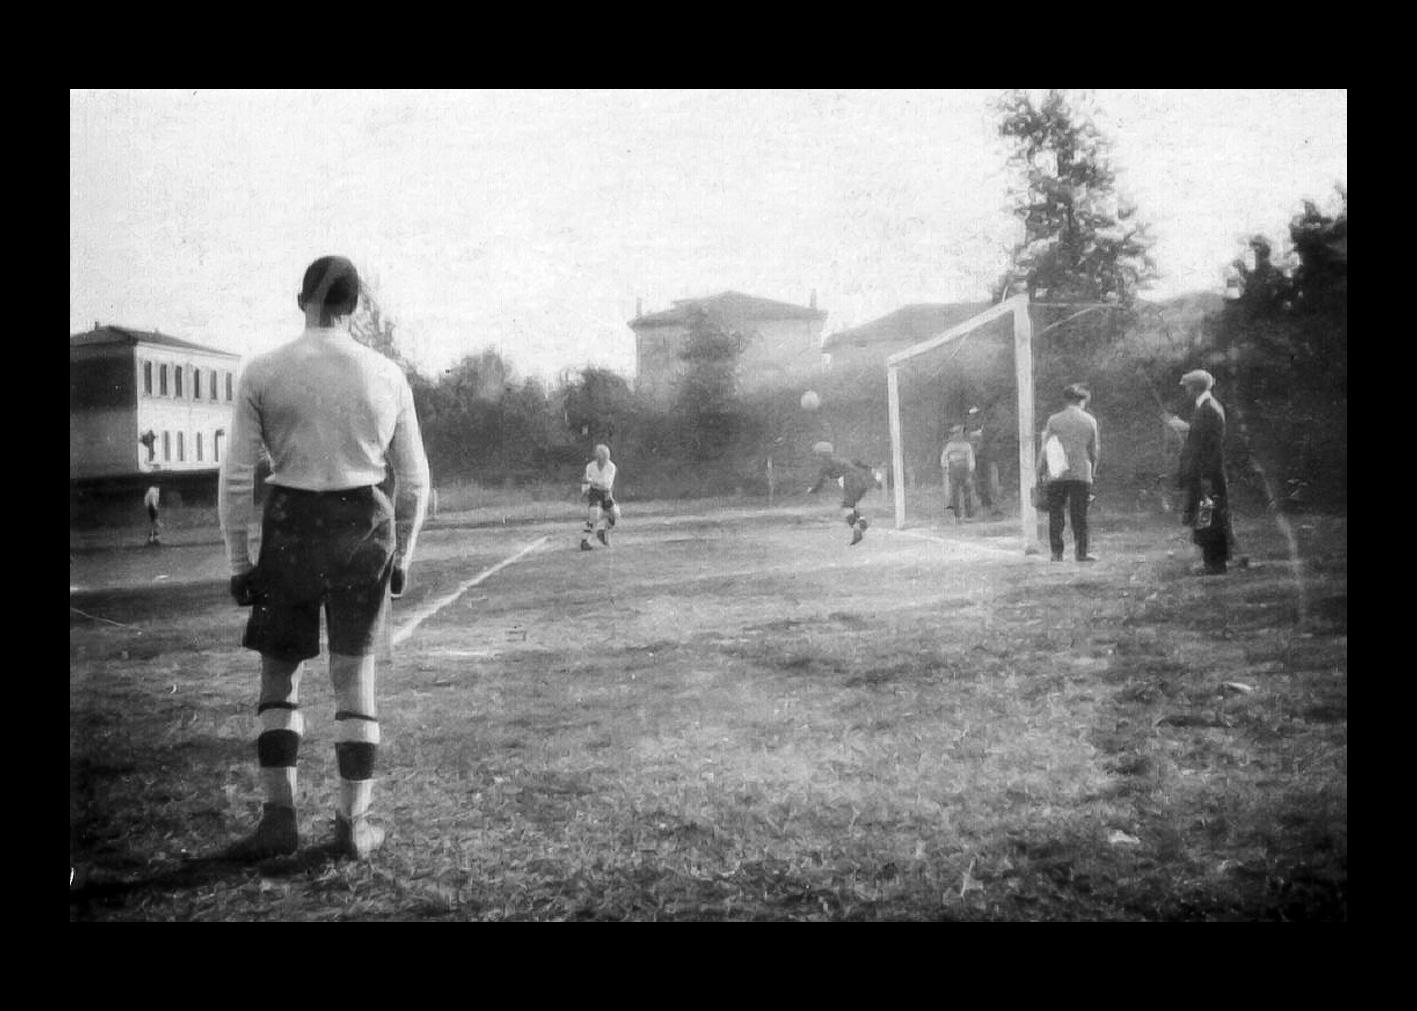 Scorcio di una partita di calcio